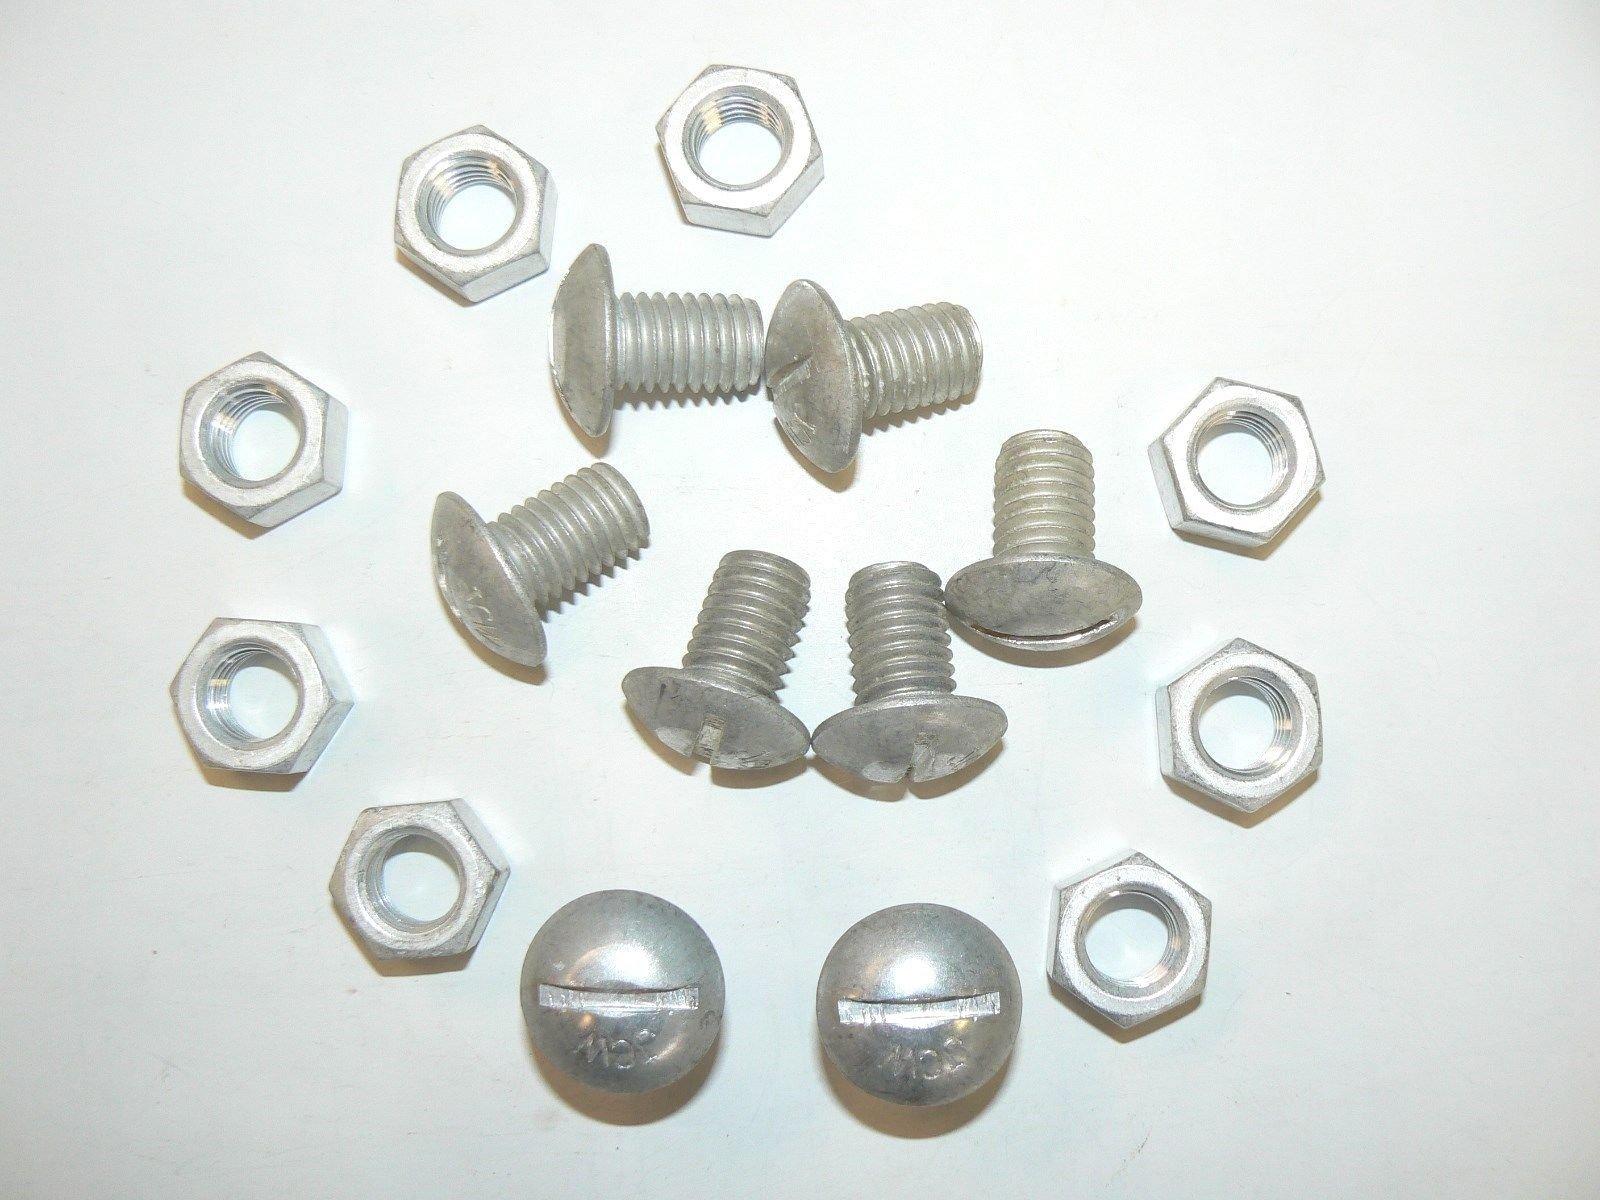 Generic YH-US3-160519-429 8yh3512yh ot of 25 Pcs. Head Machine s - w/Hex N 1/2''-13 x 3/4'' 1/2''-13 x Screws - w/Hex Nuts - uss Head Aluminum Truss 4'' Alumin Lot of 25 Pcs.